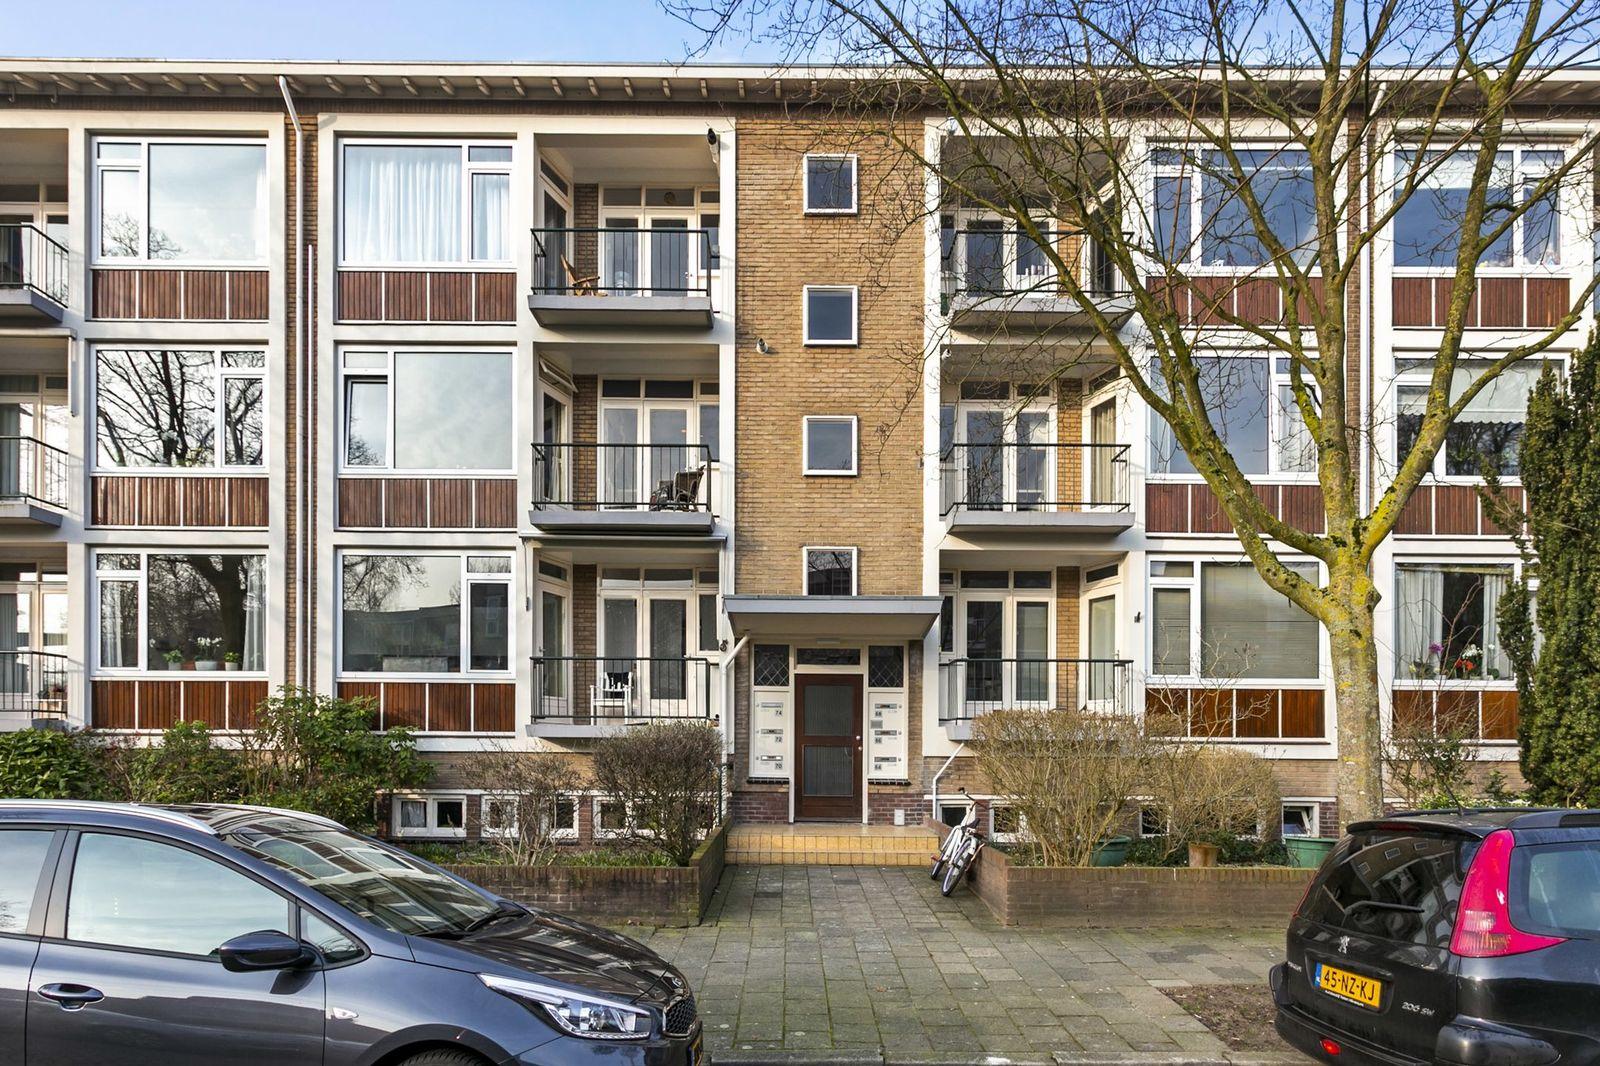 Willem Barentszweg 72, Hilversum